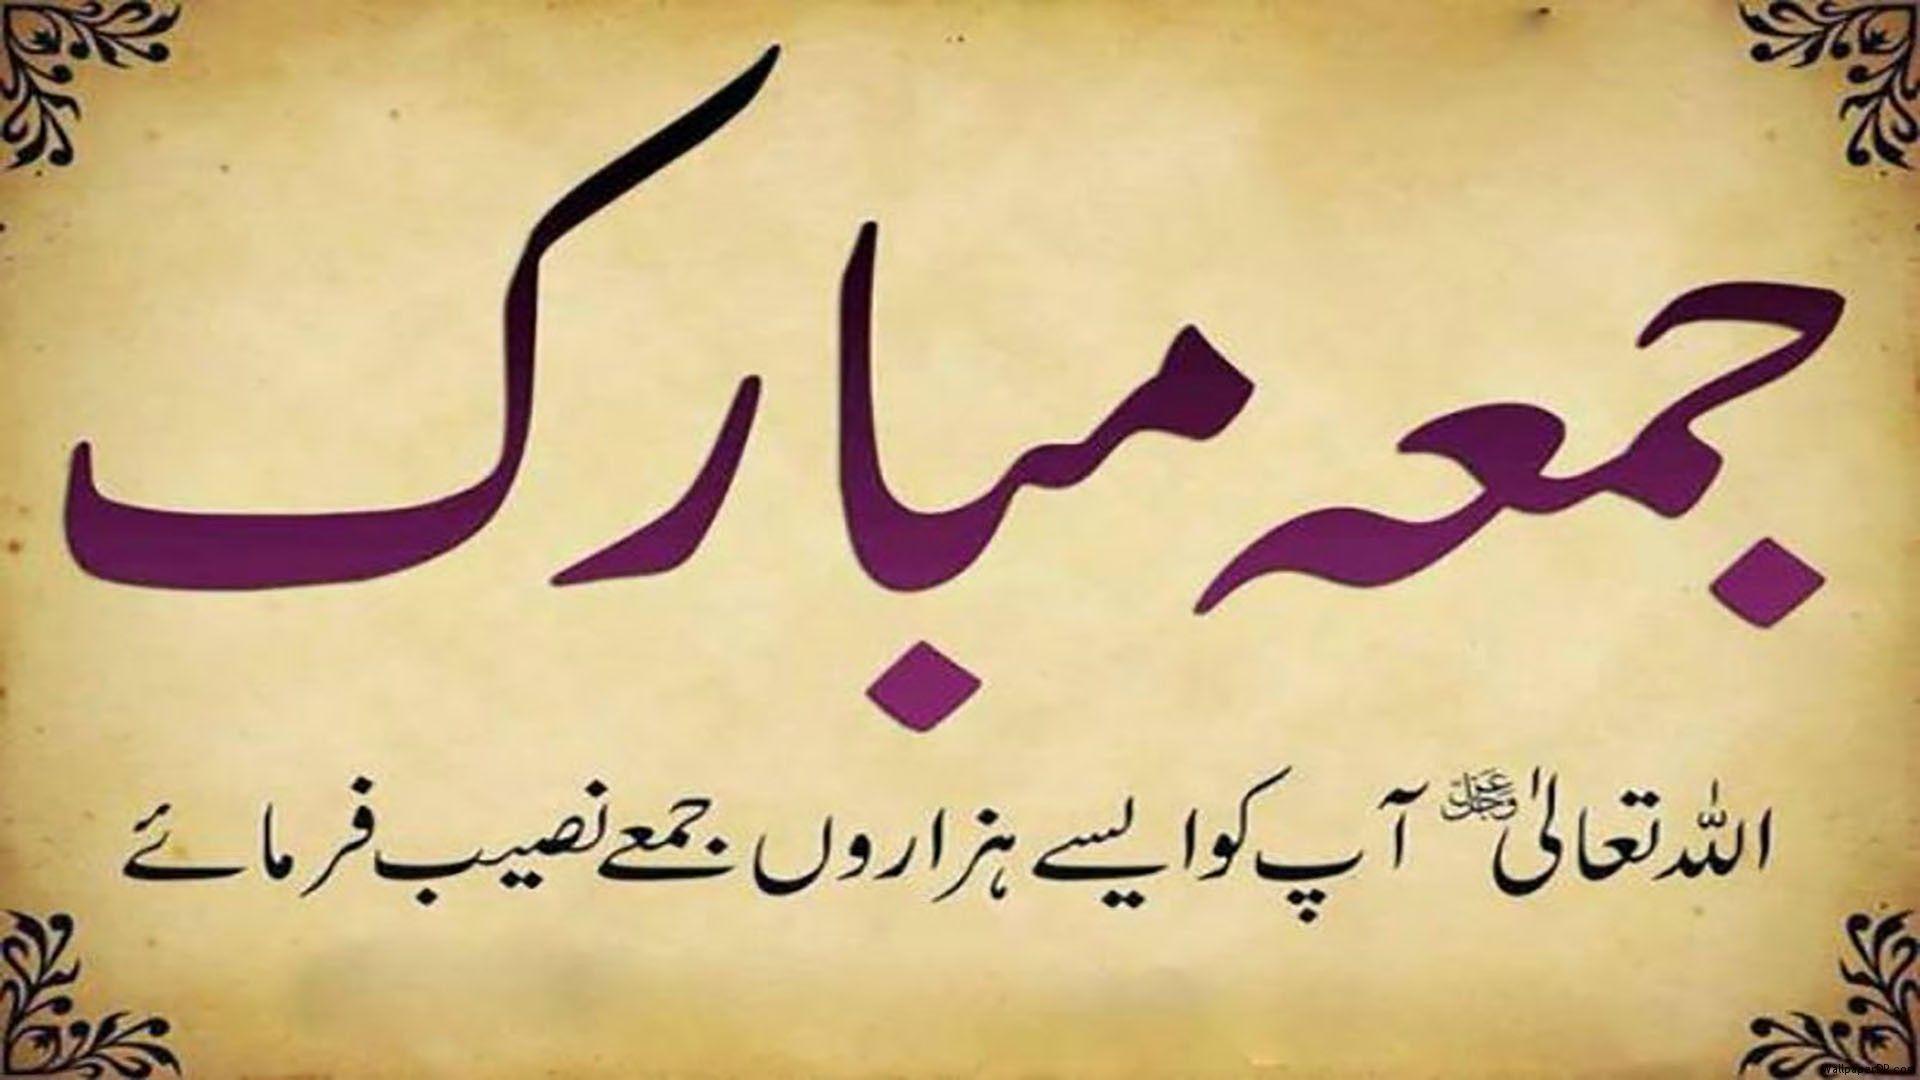 Image For Jumma Mubarak Quote In Urdu For Facebook Wallpapers